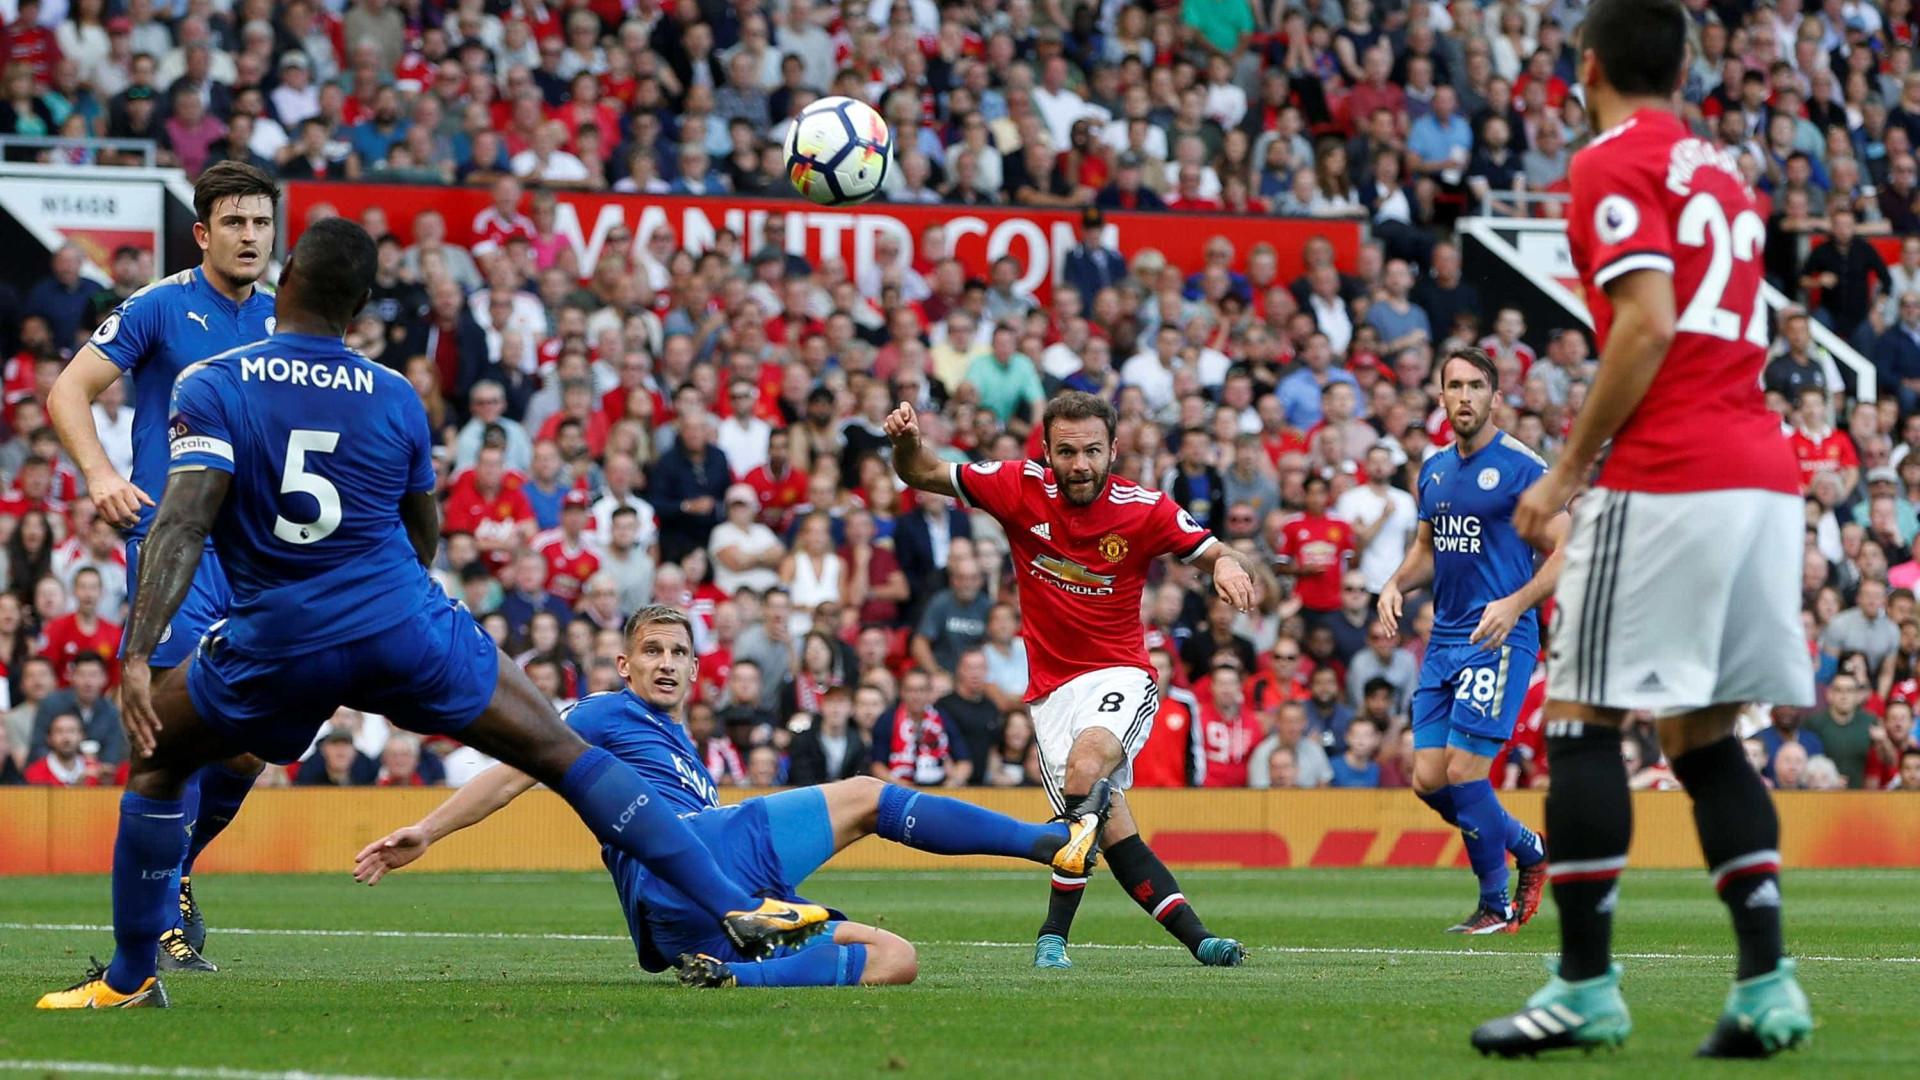 Atenção Benfica: Mourinho foi ao banco buscar os três pontos